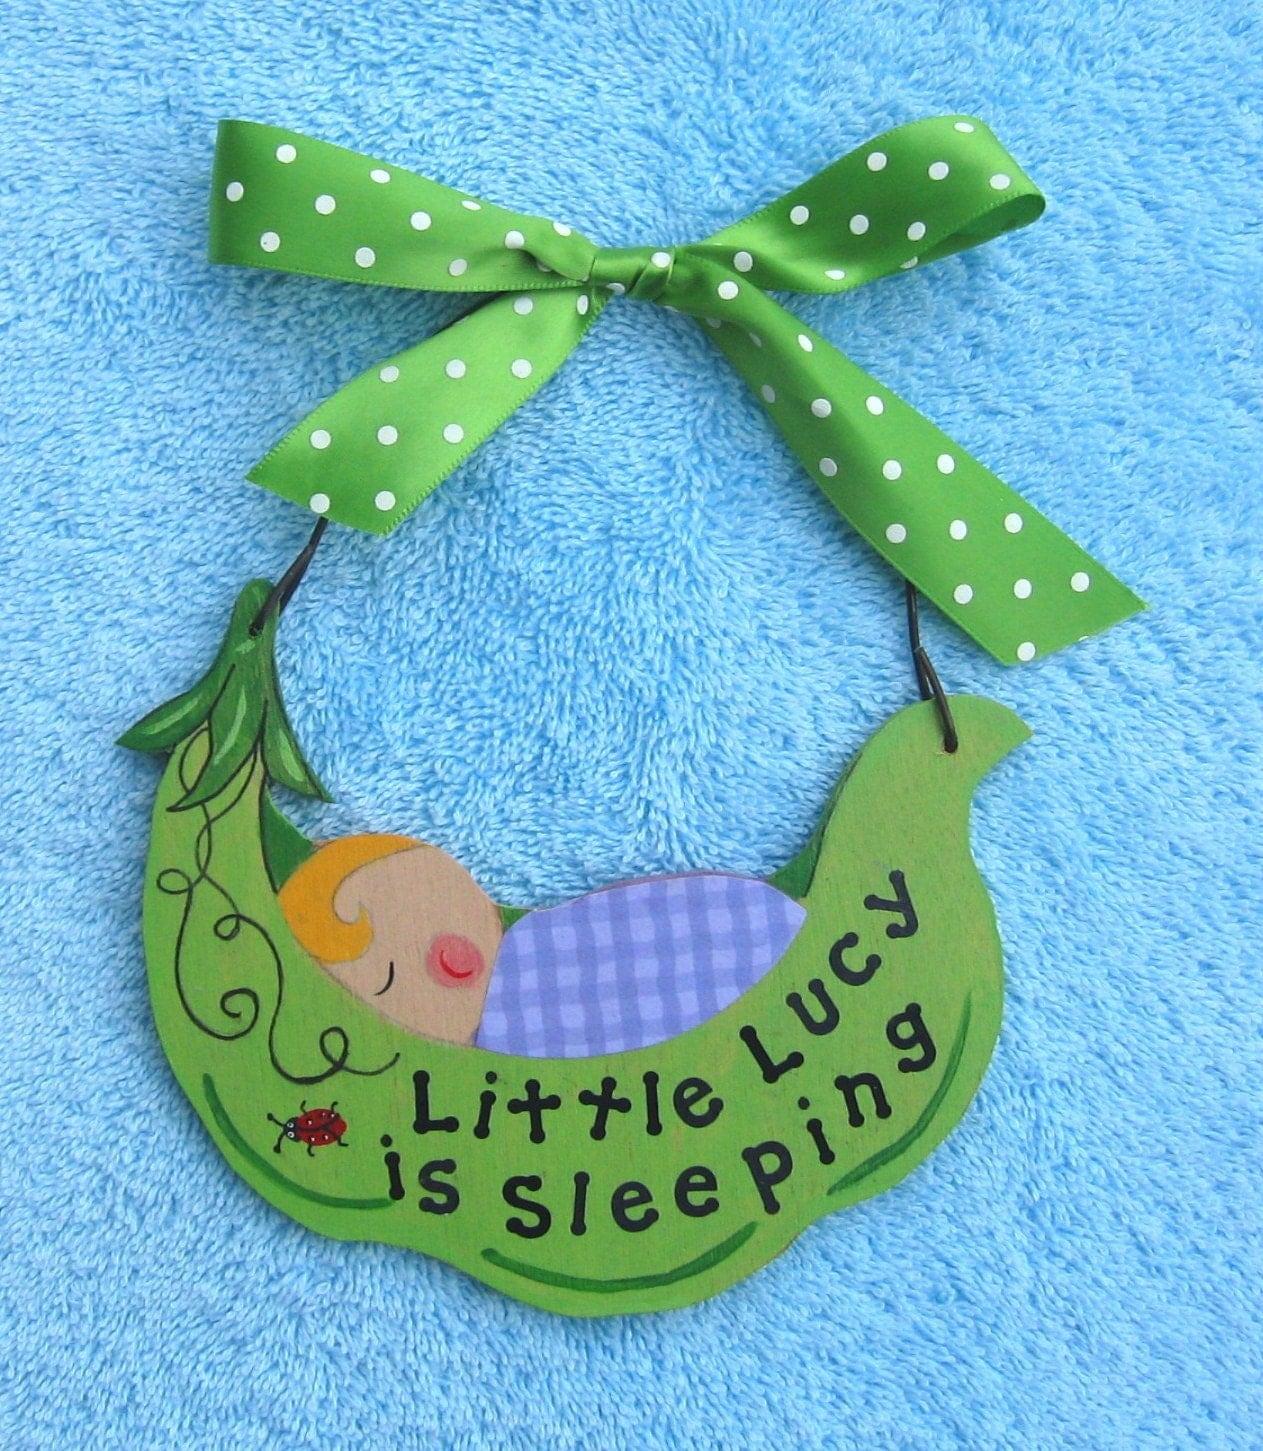 Дерево Войти ребенок, спящий Крытый Открытый по Storytime АРТ